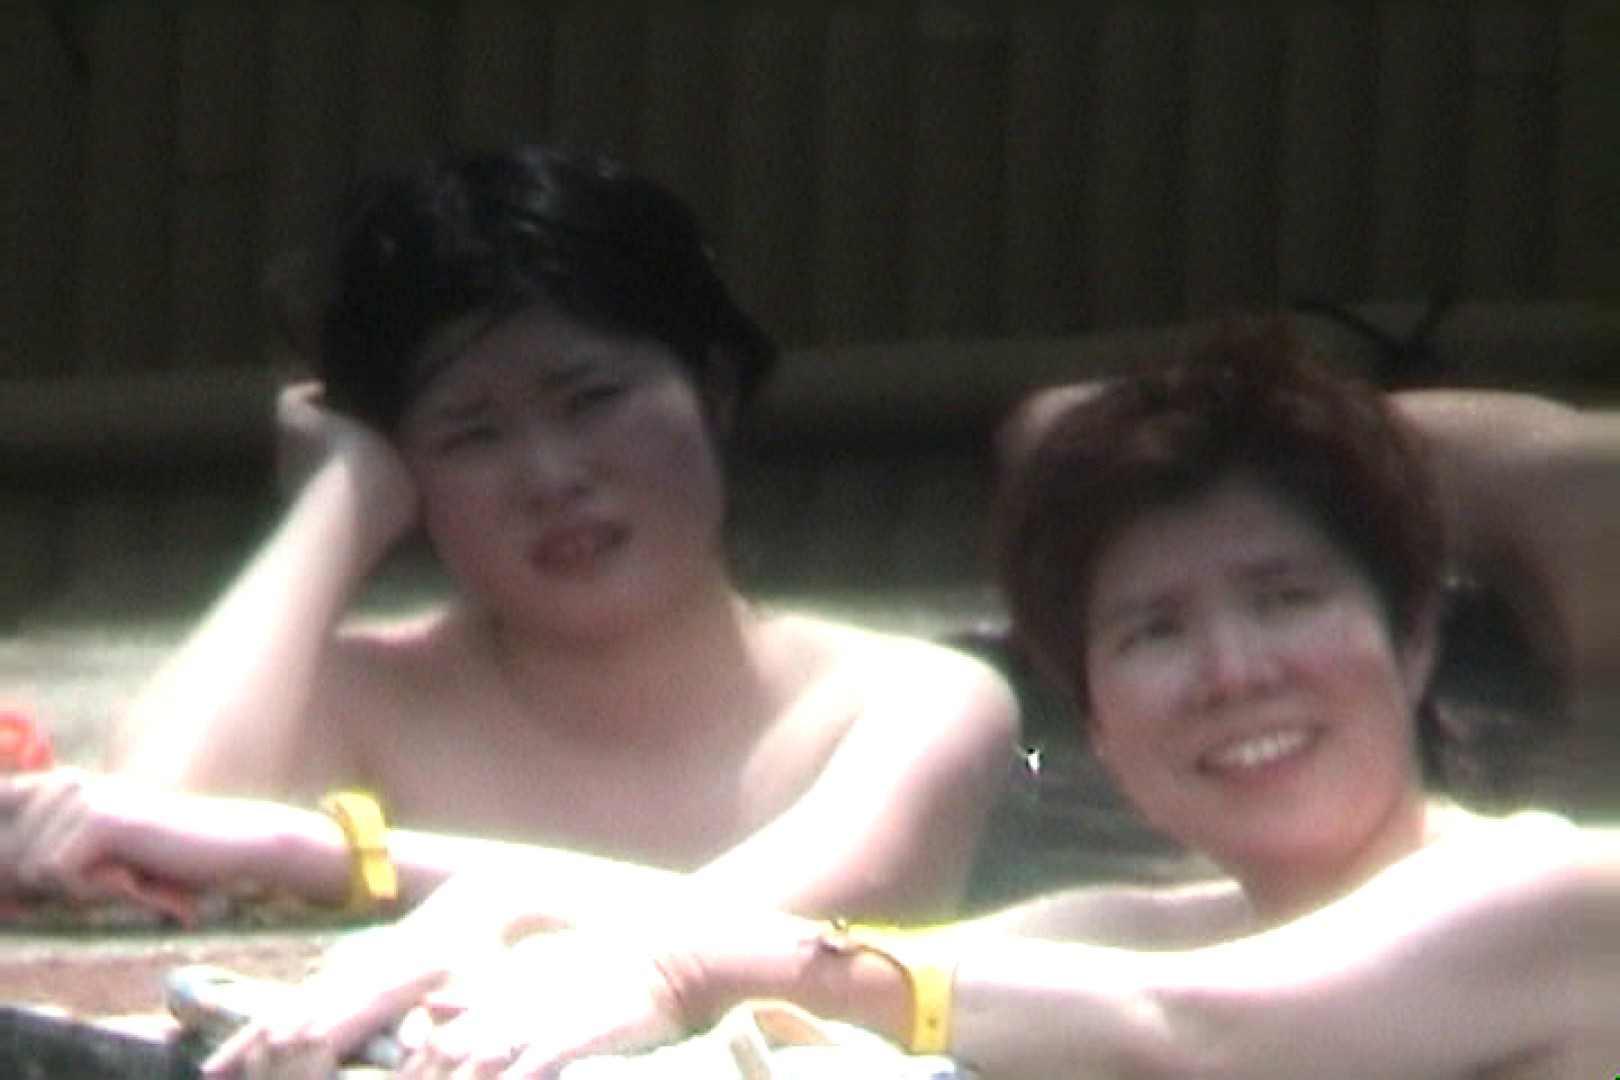 Aquaな露天風呂Vol.54【VIP限定】 盗撮師作品 ぱこり動画紹介 88pic 65